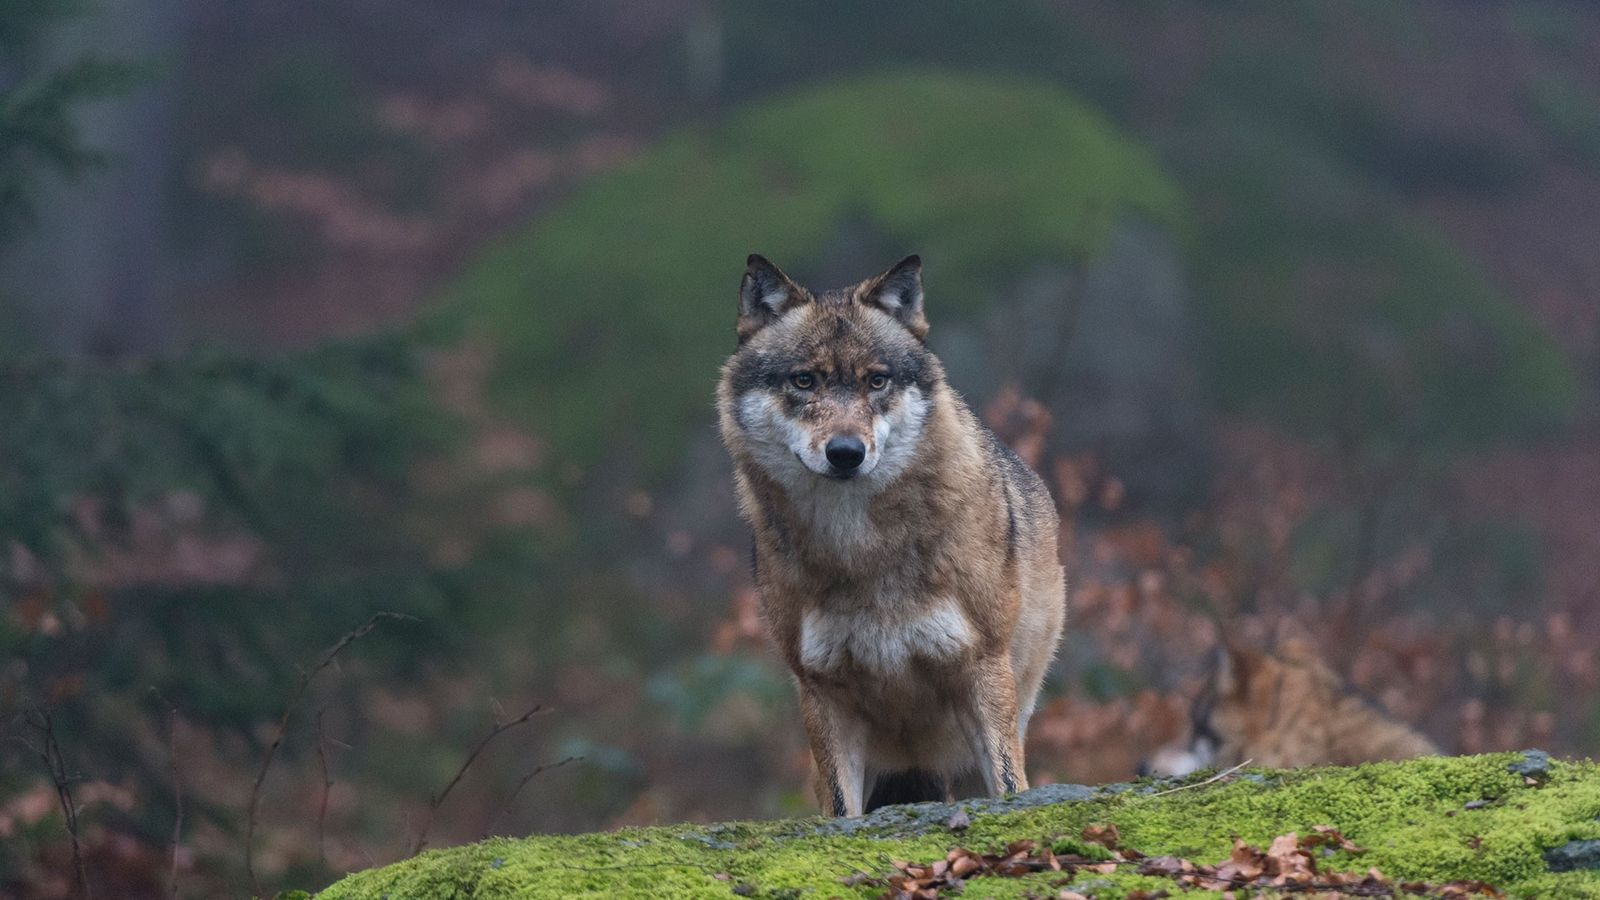 Não está claro ainda o quão impactados pela radiação os lobos em Chernobyl estão. Mas suas ...